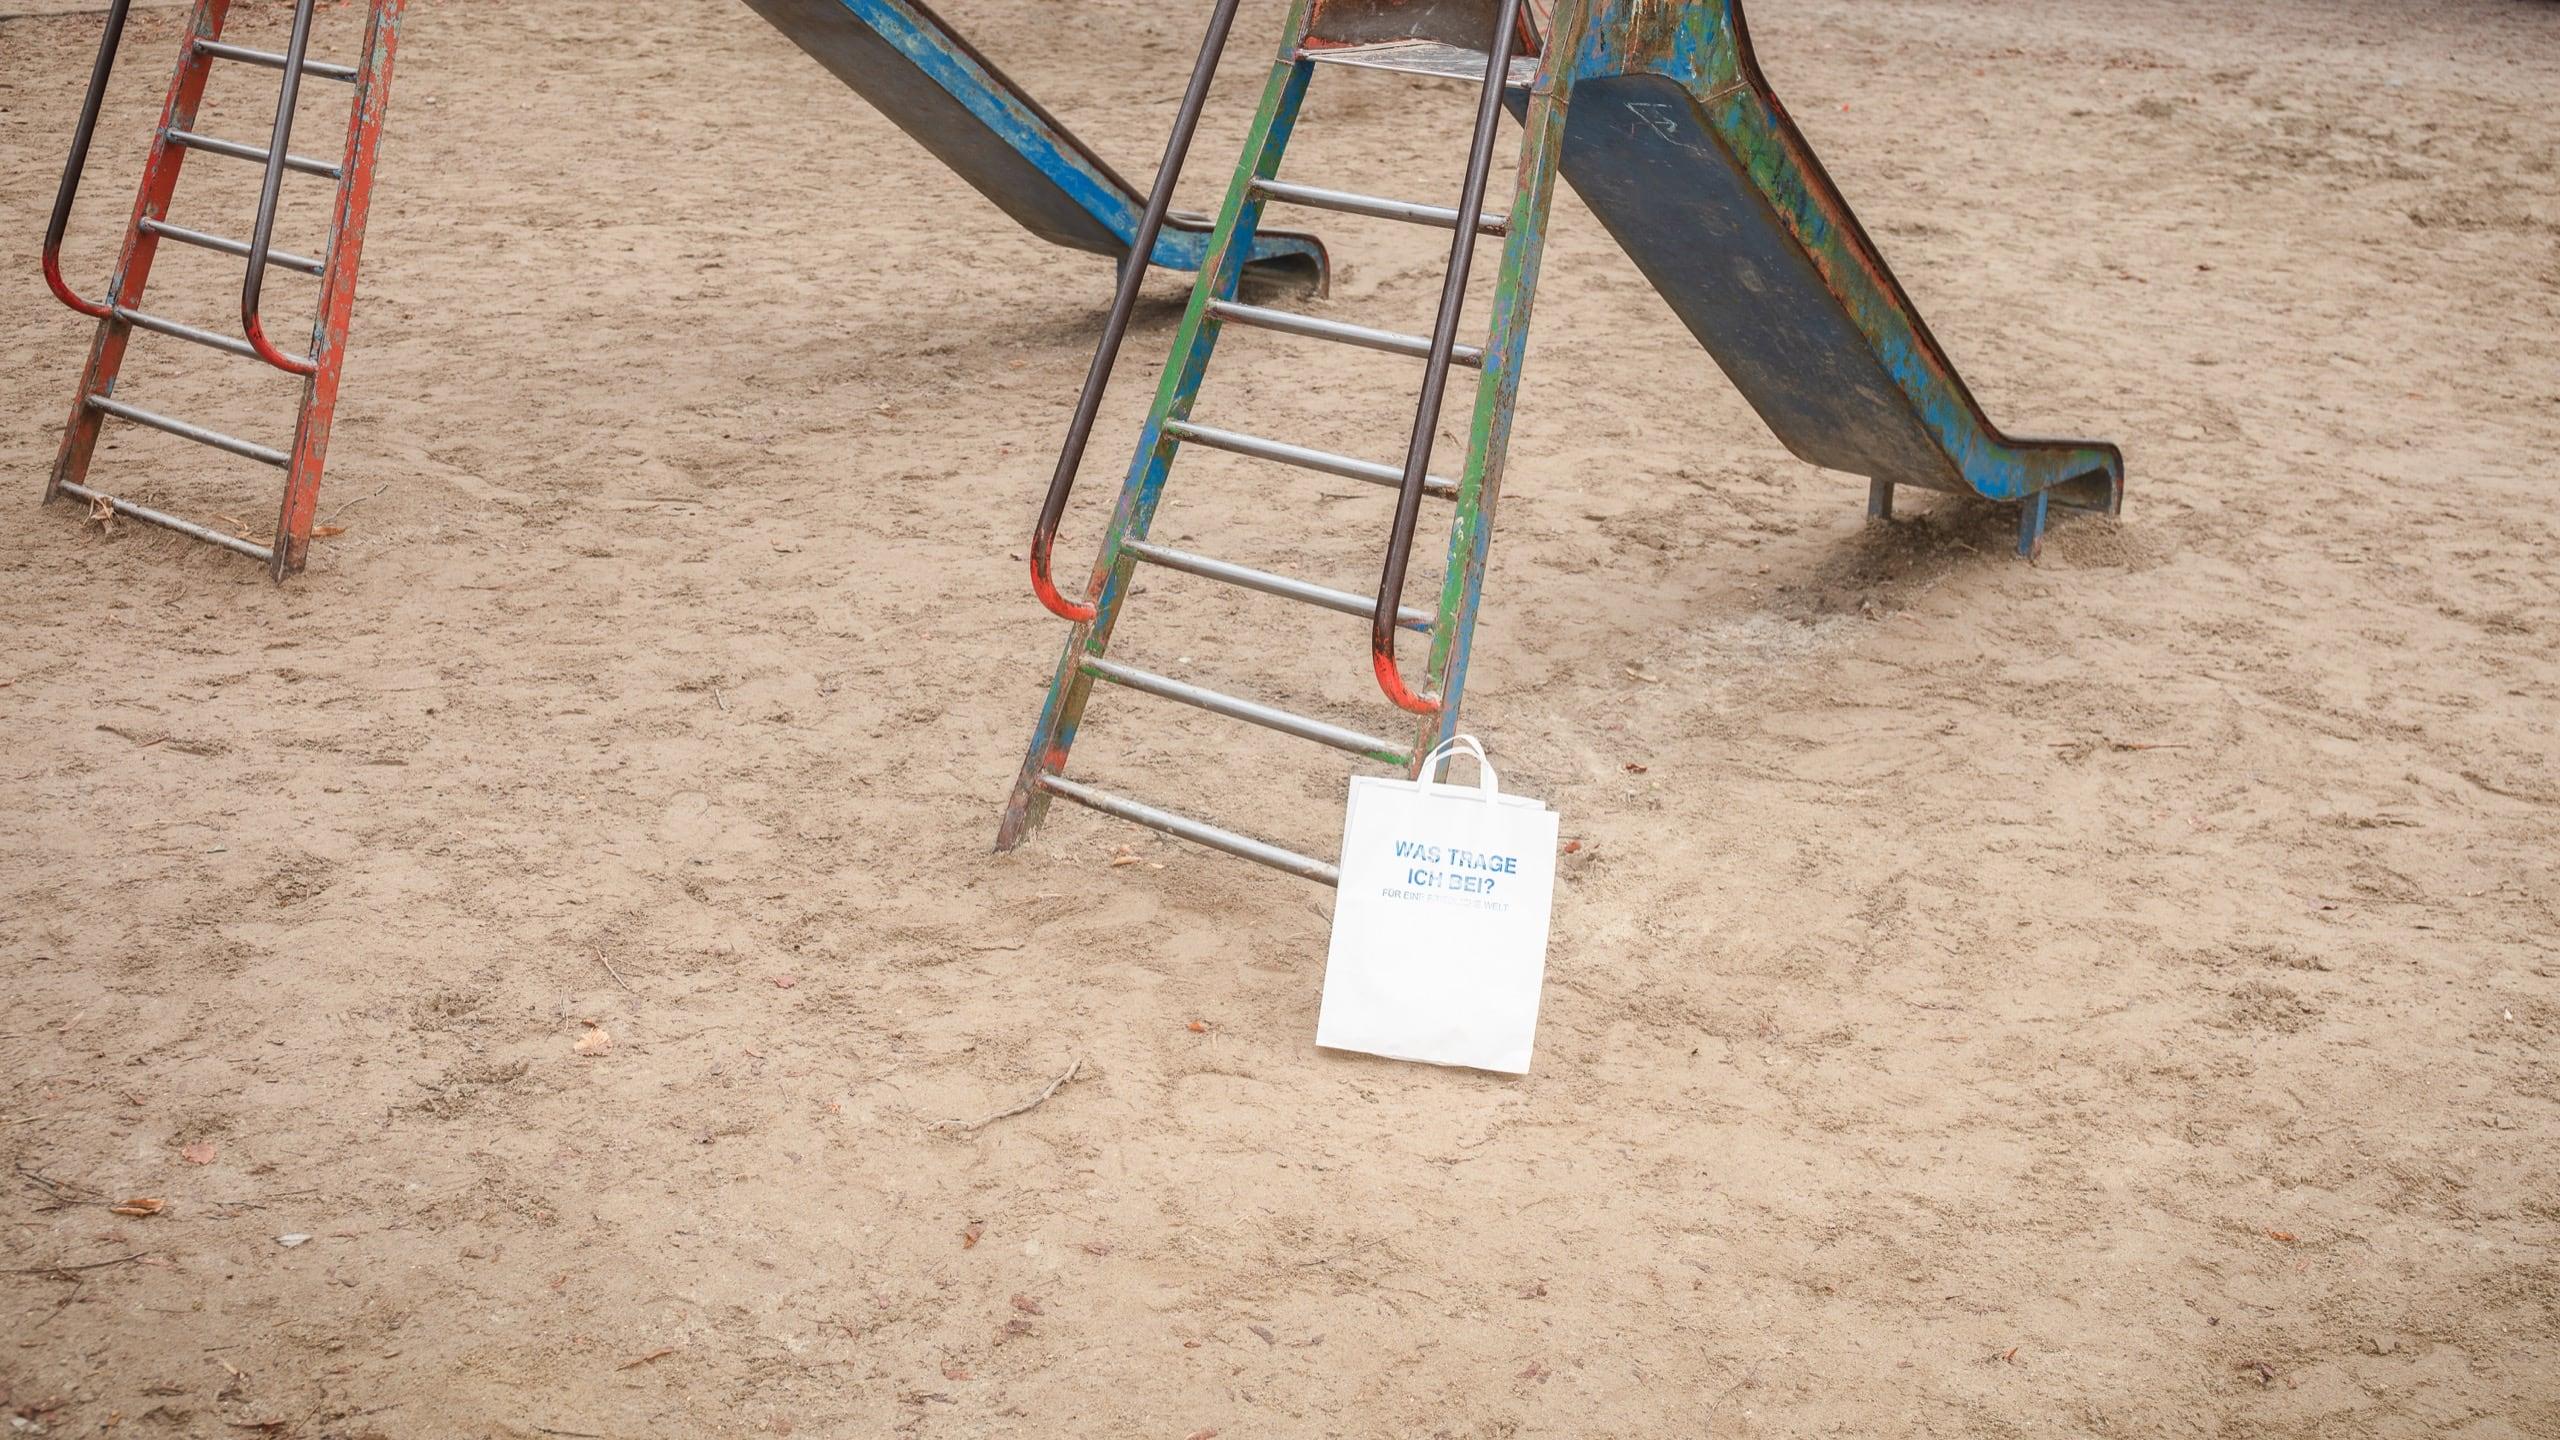 Eine weiße Papiertüte bedruckt mit der Frage Was trage ich bei? Für eine friedliche Welt. Die Tüte steht angelehnt an eine grün rote Rutsche auf einem Spielplatz.